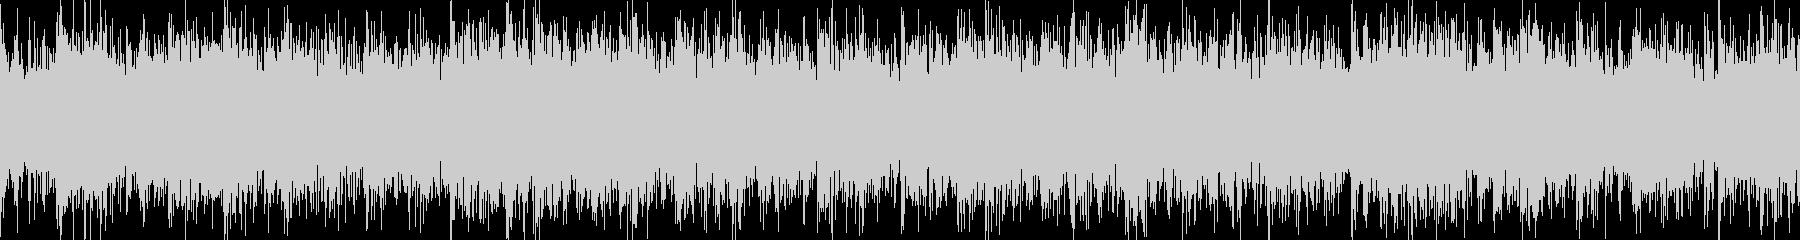 冷酷ホラーループBGMの未再生の波形